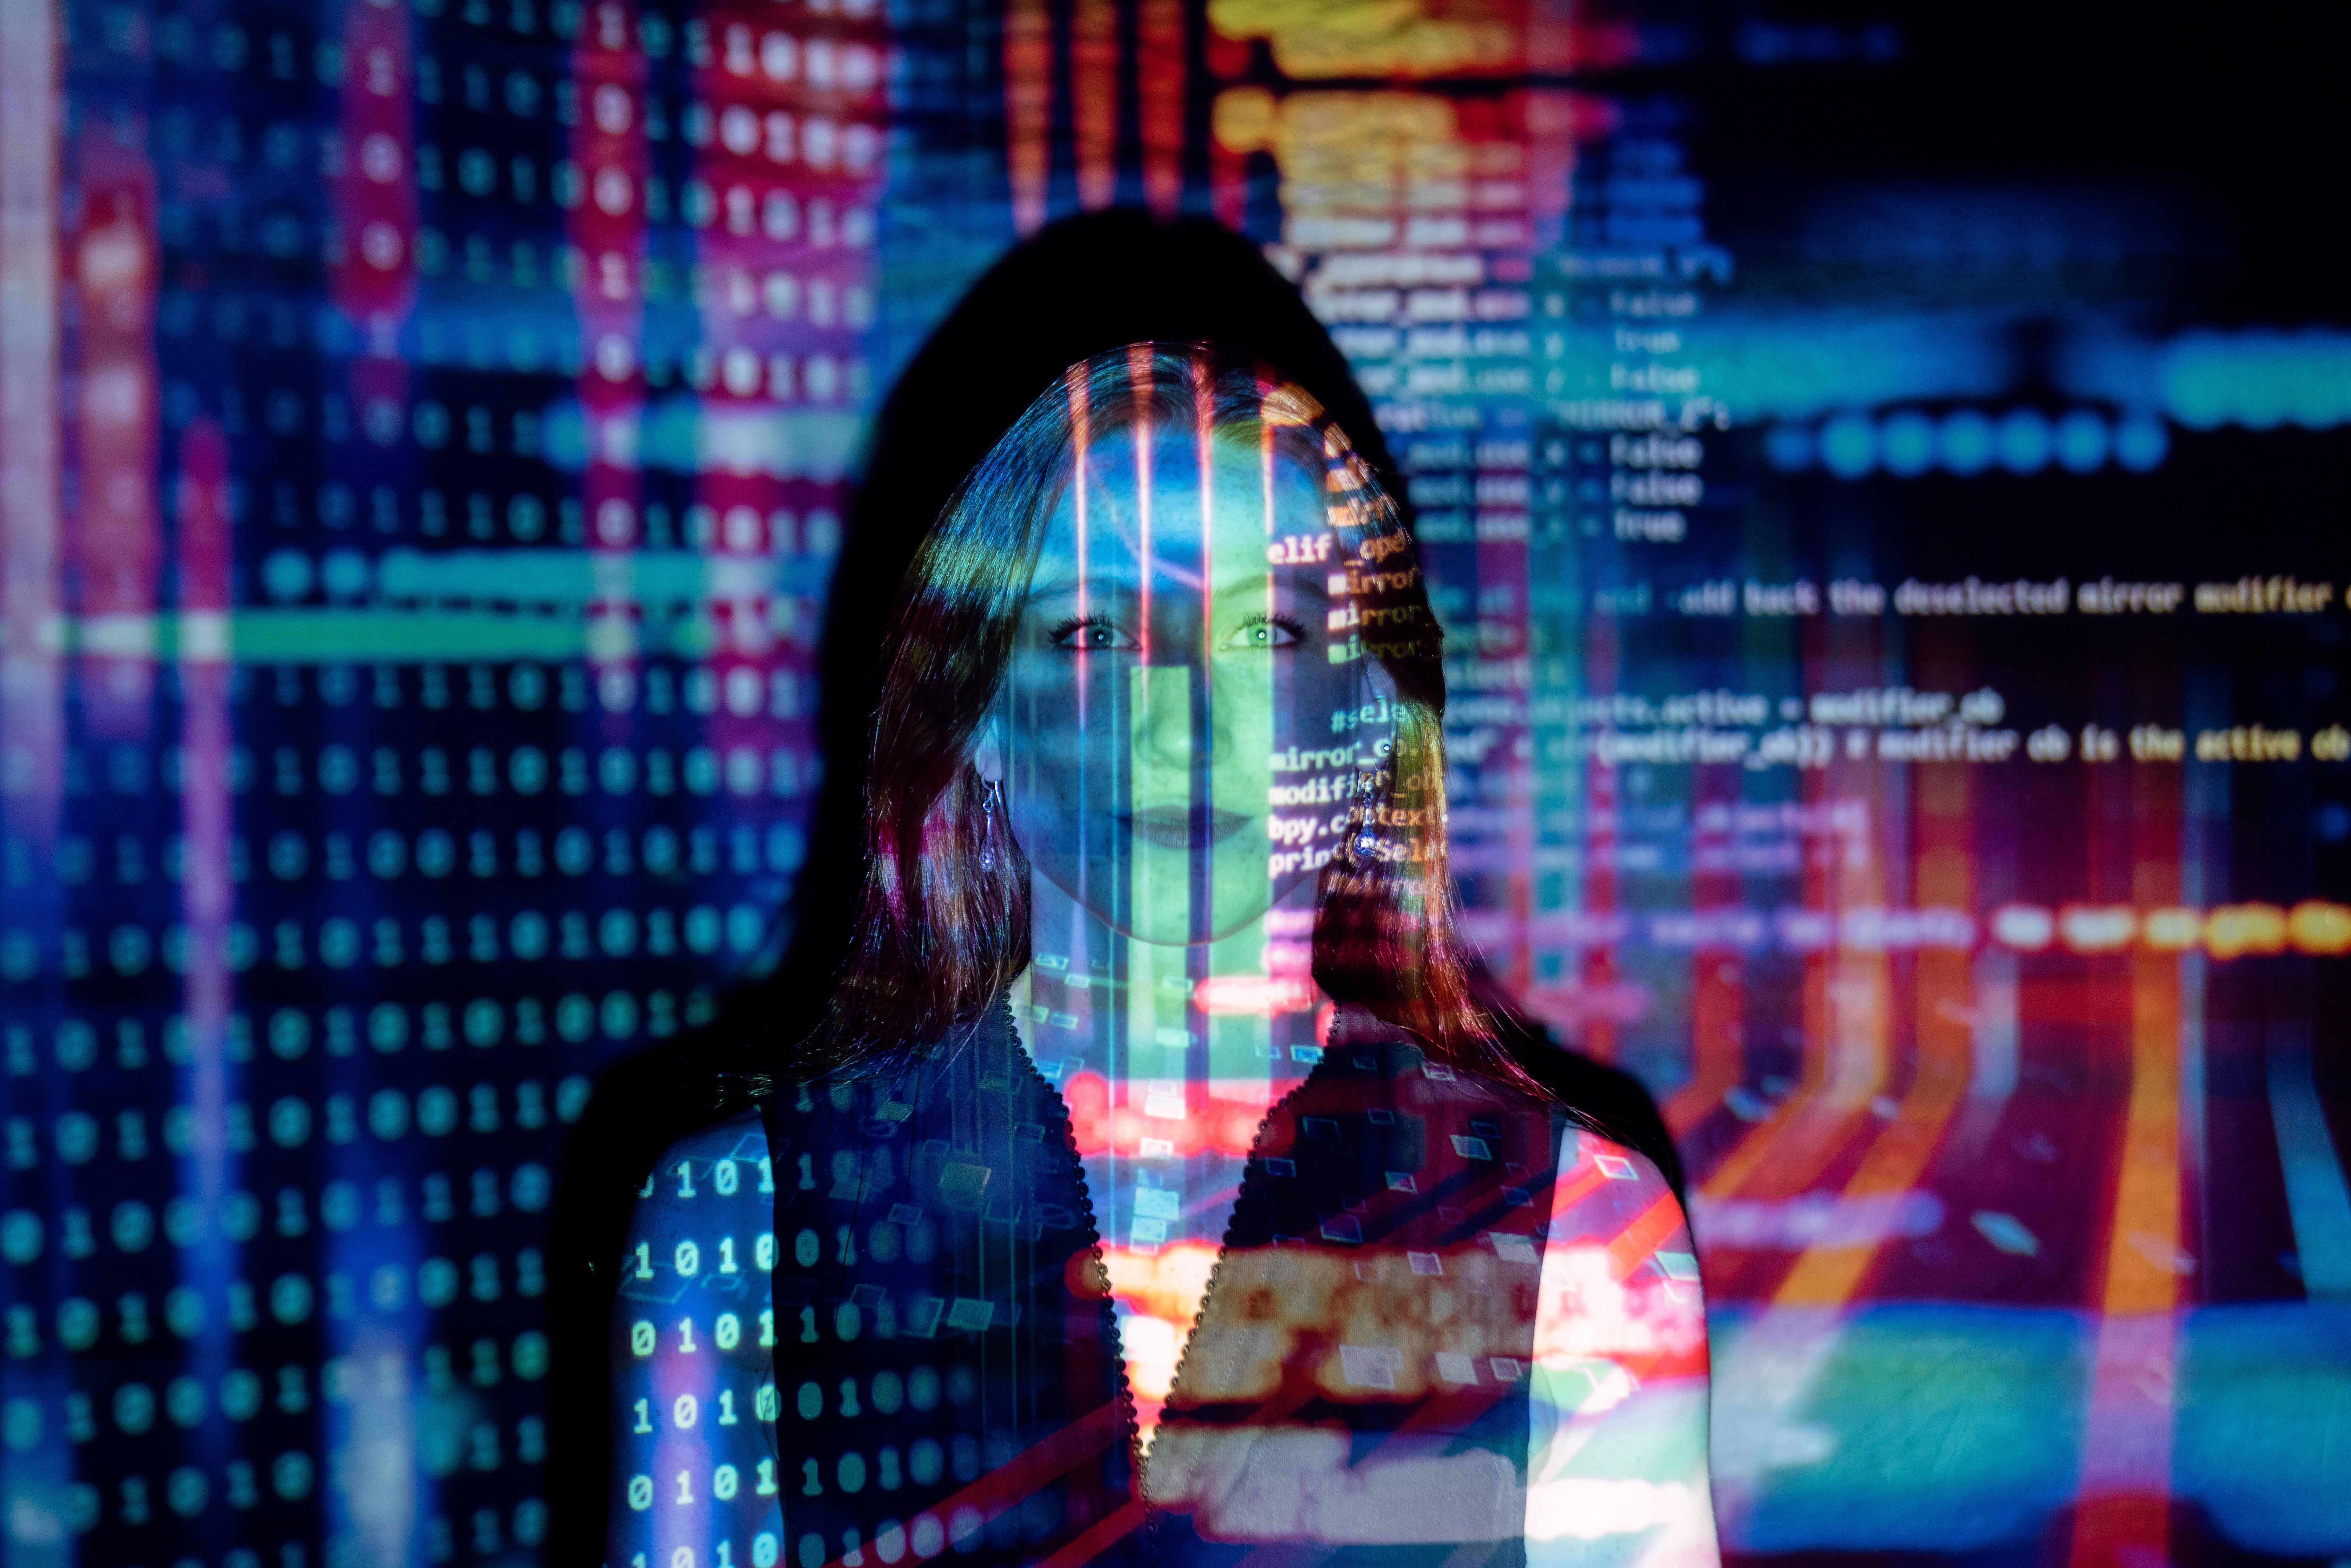 AI Engineer Level 3 Image